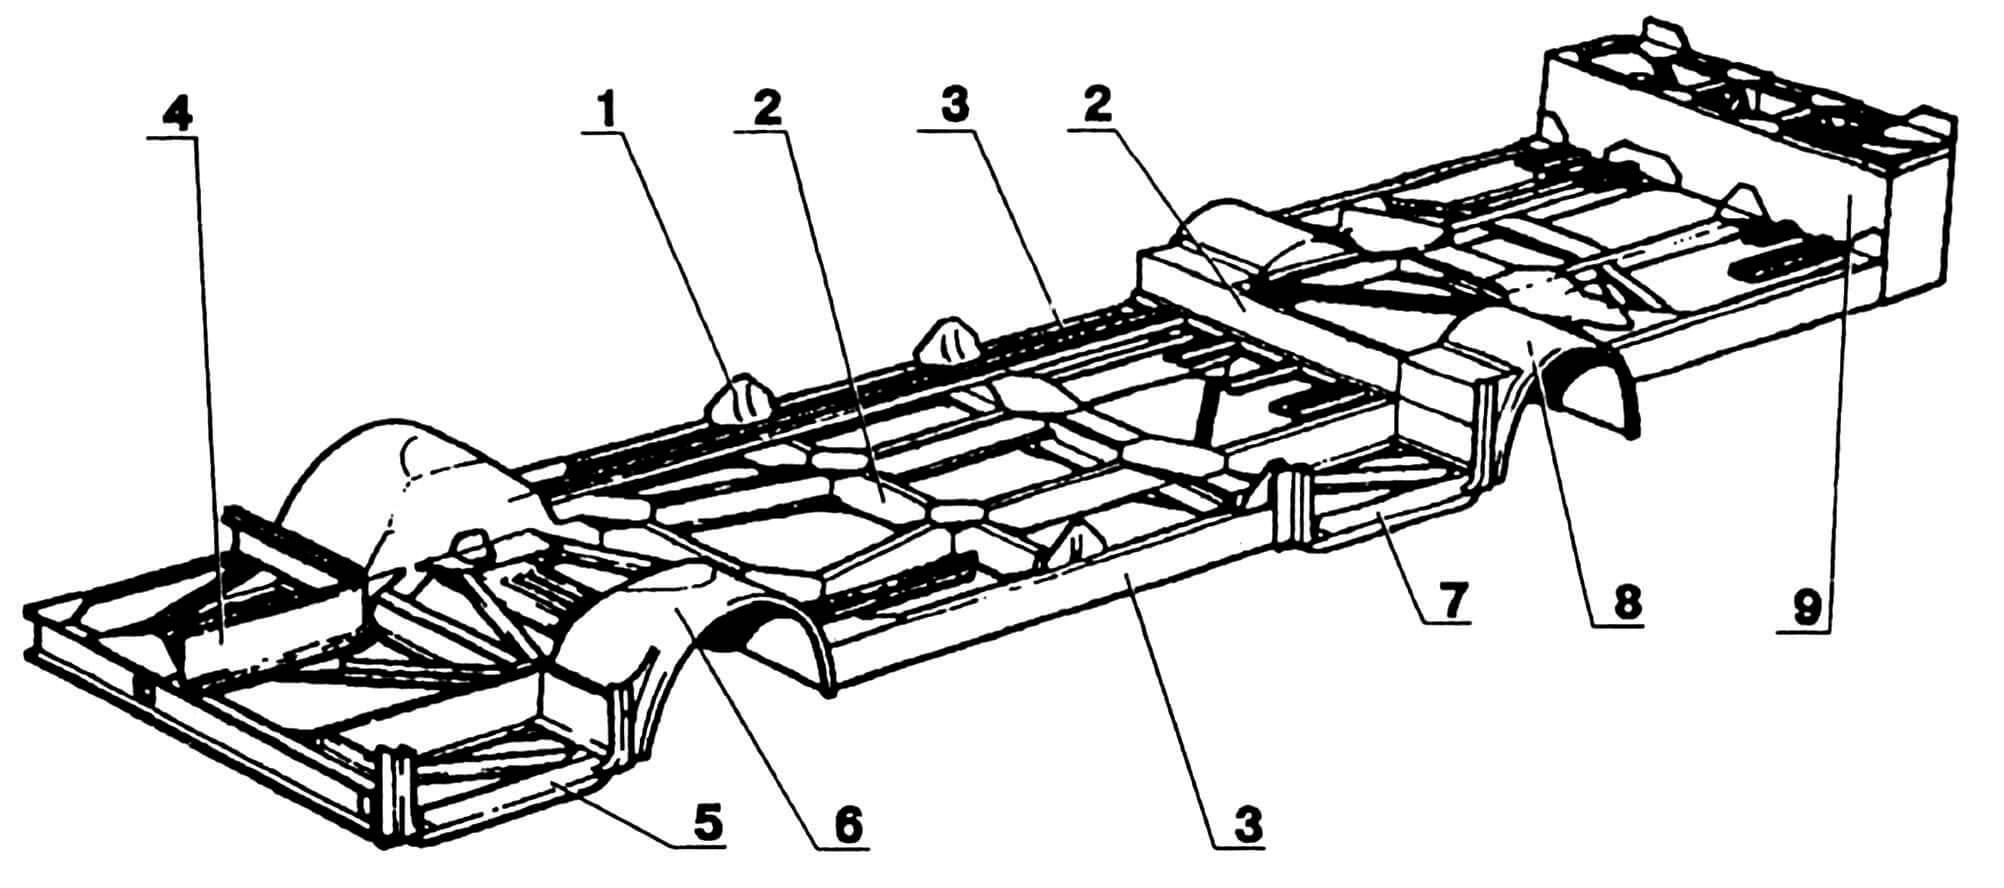 Конструкция рамы: 1 — усилитель угловой, 2 — поперечины, 3 — лонжероны, 4 — усилитель пола кабины водителя, 5, 7 — ступеньки дверей, 6, 8 — арки колесных ниш, 9 — короб для радиатора системы охлаждения двигателя.